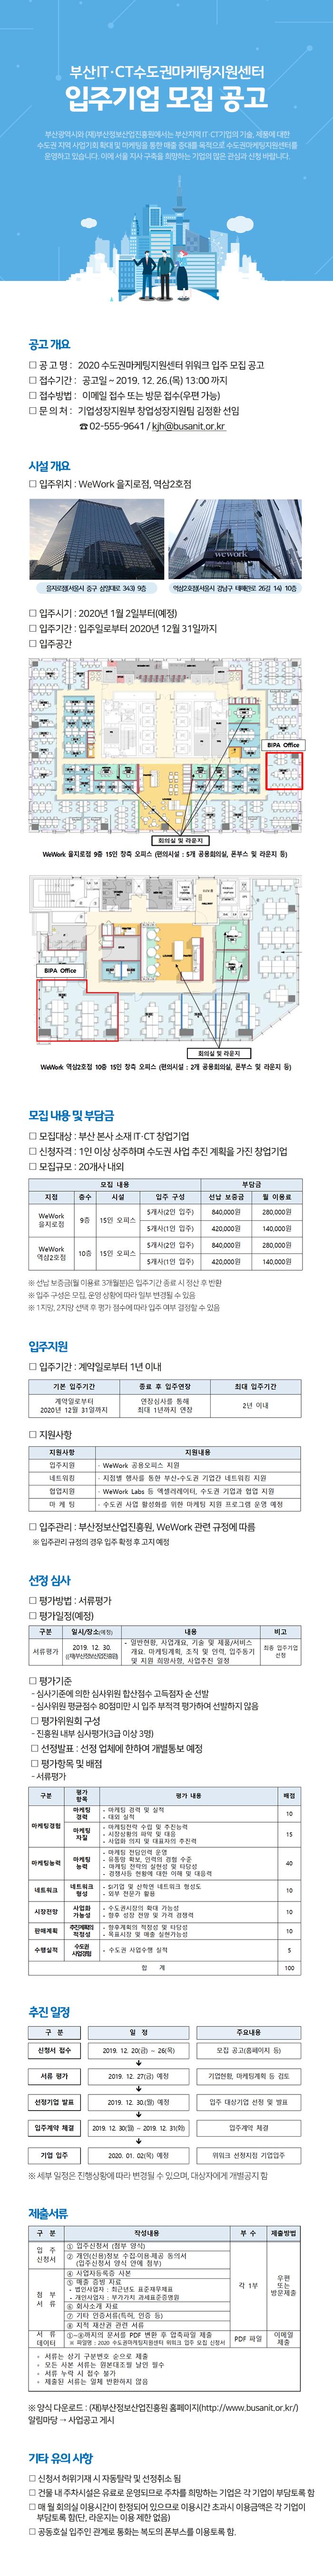 부산IT·CT수도권마케팅지원센터 공유오피스 입주공고 안내